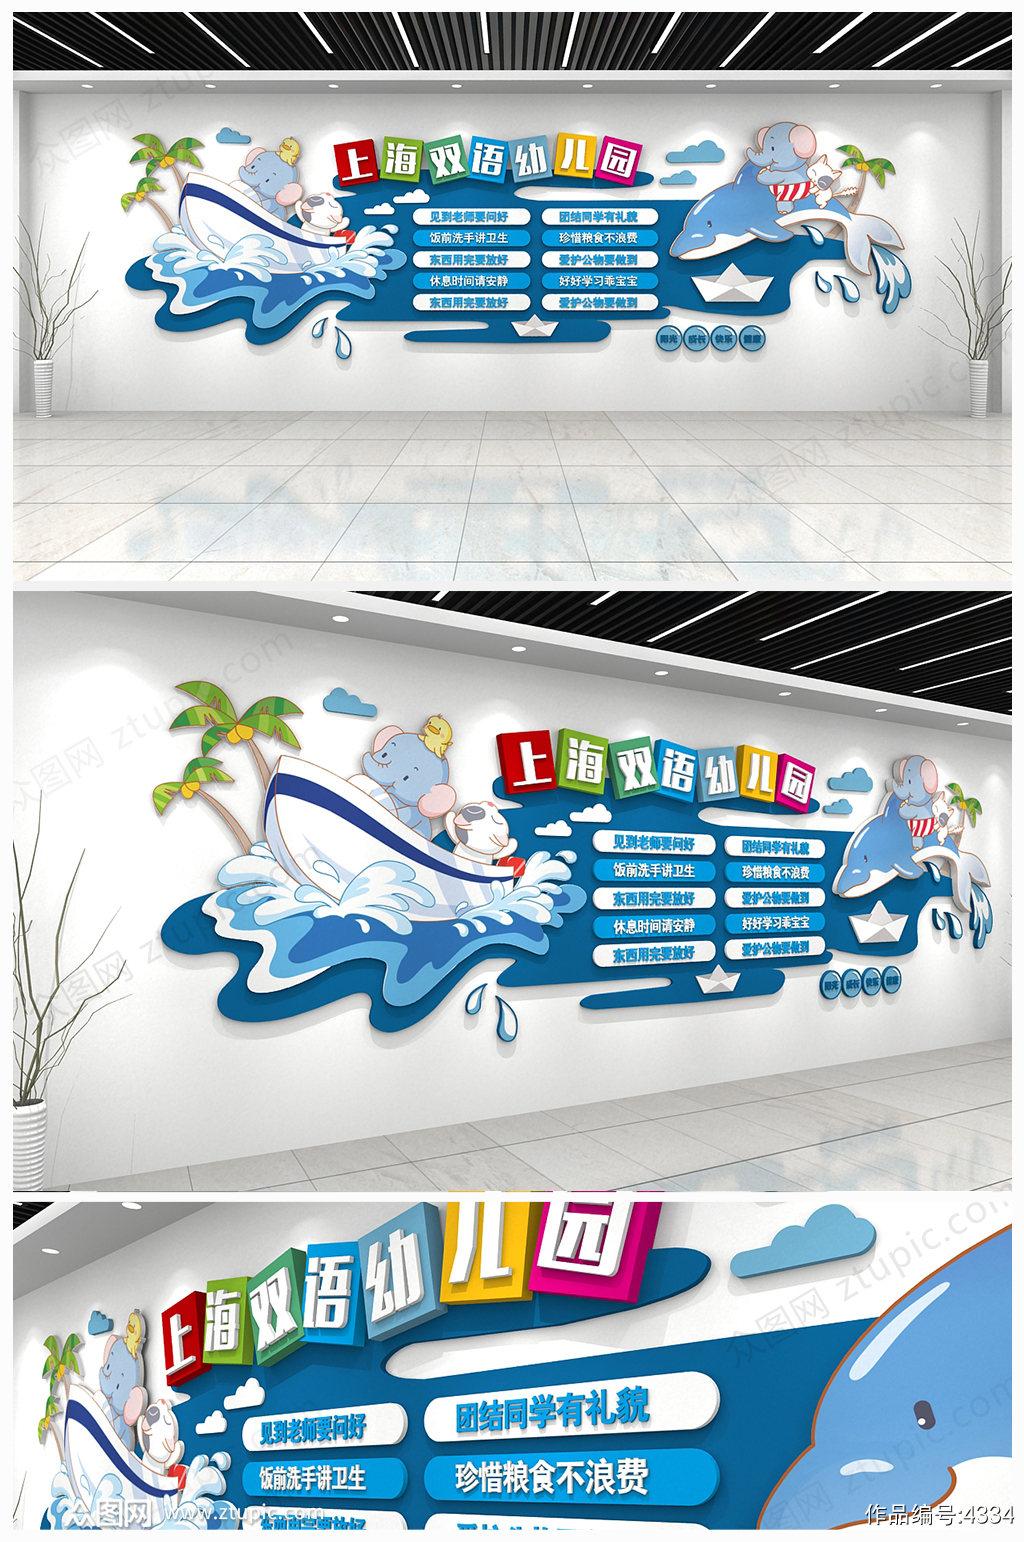 原创绿色校园文化幼儿园环创文化墙形象墙素材